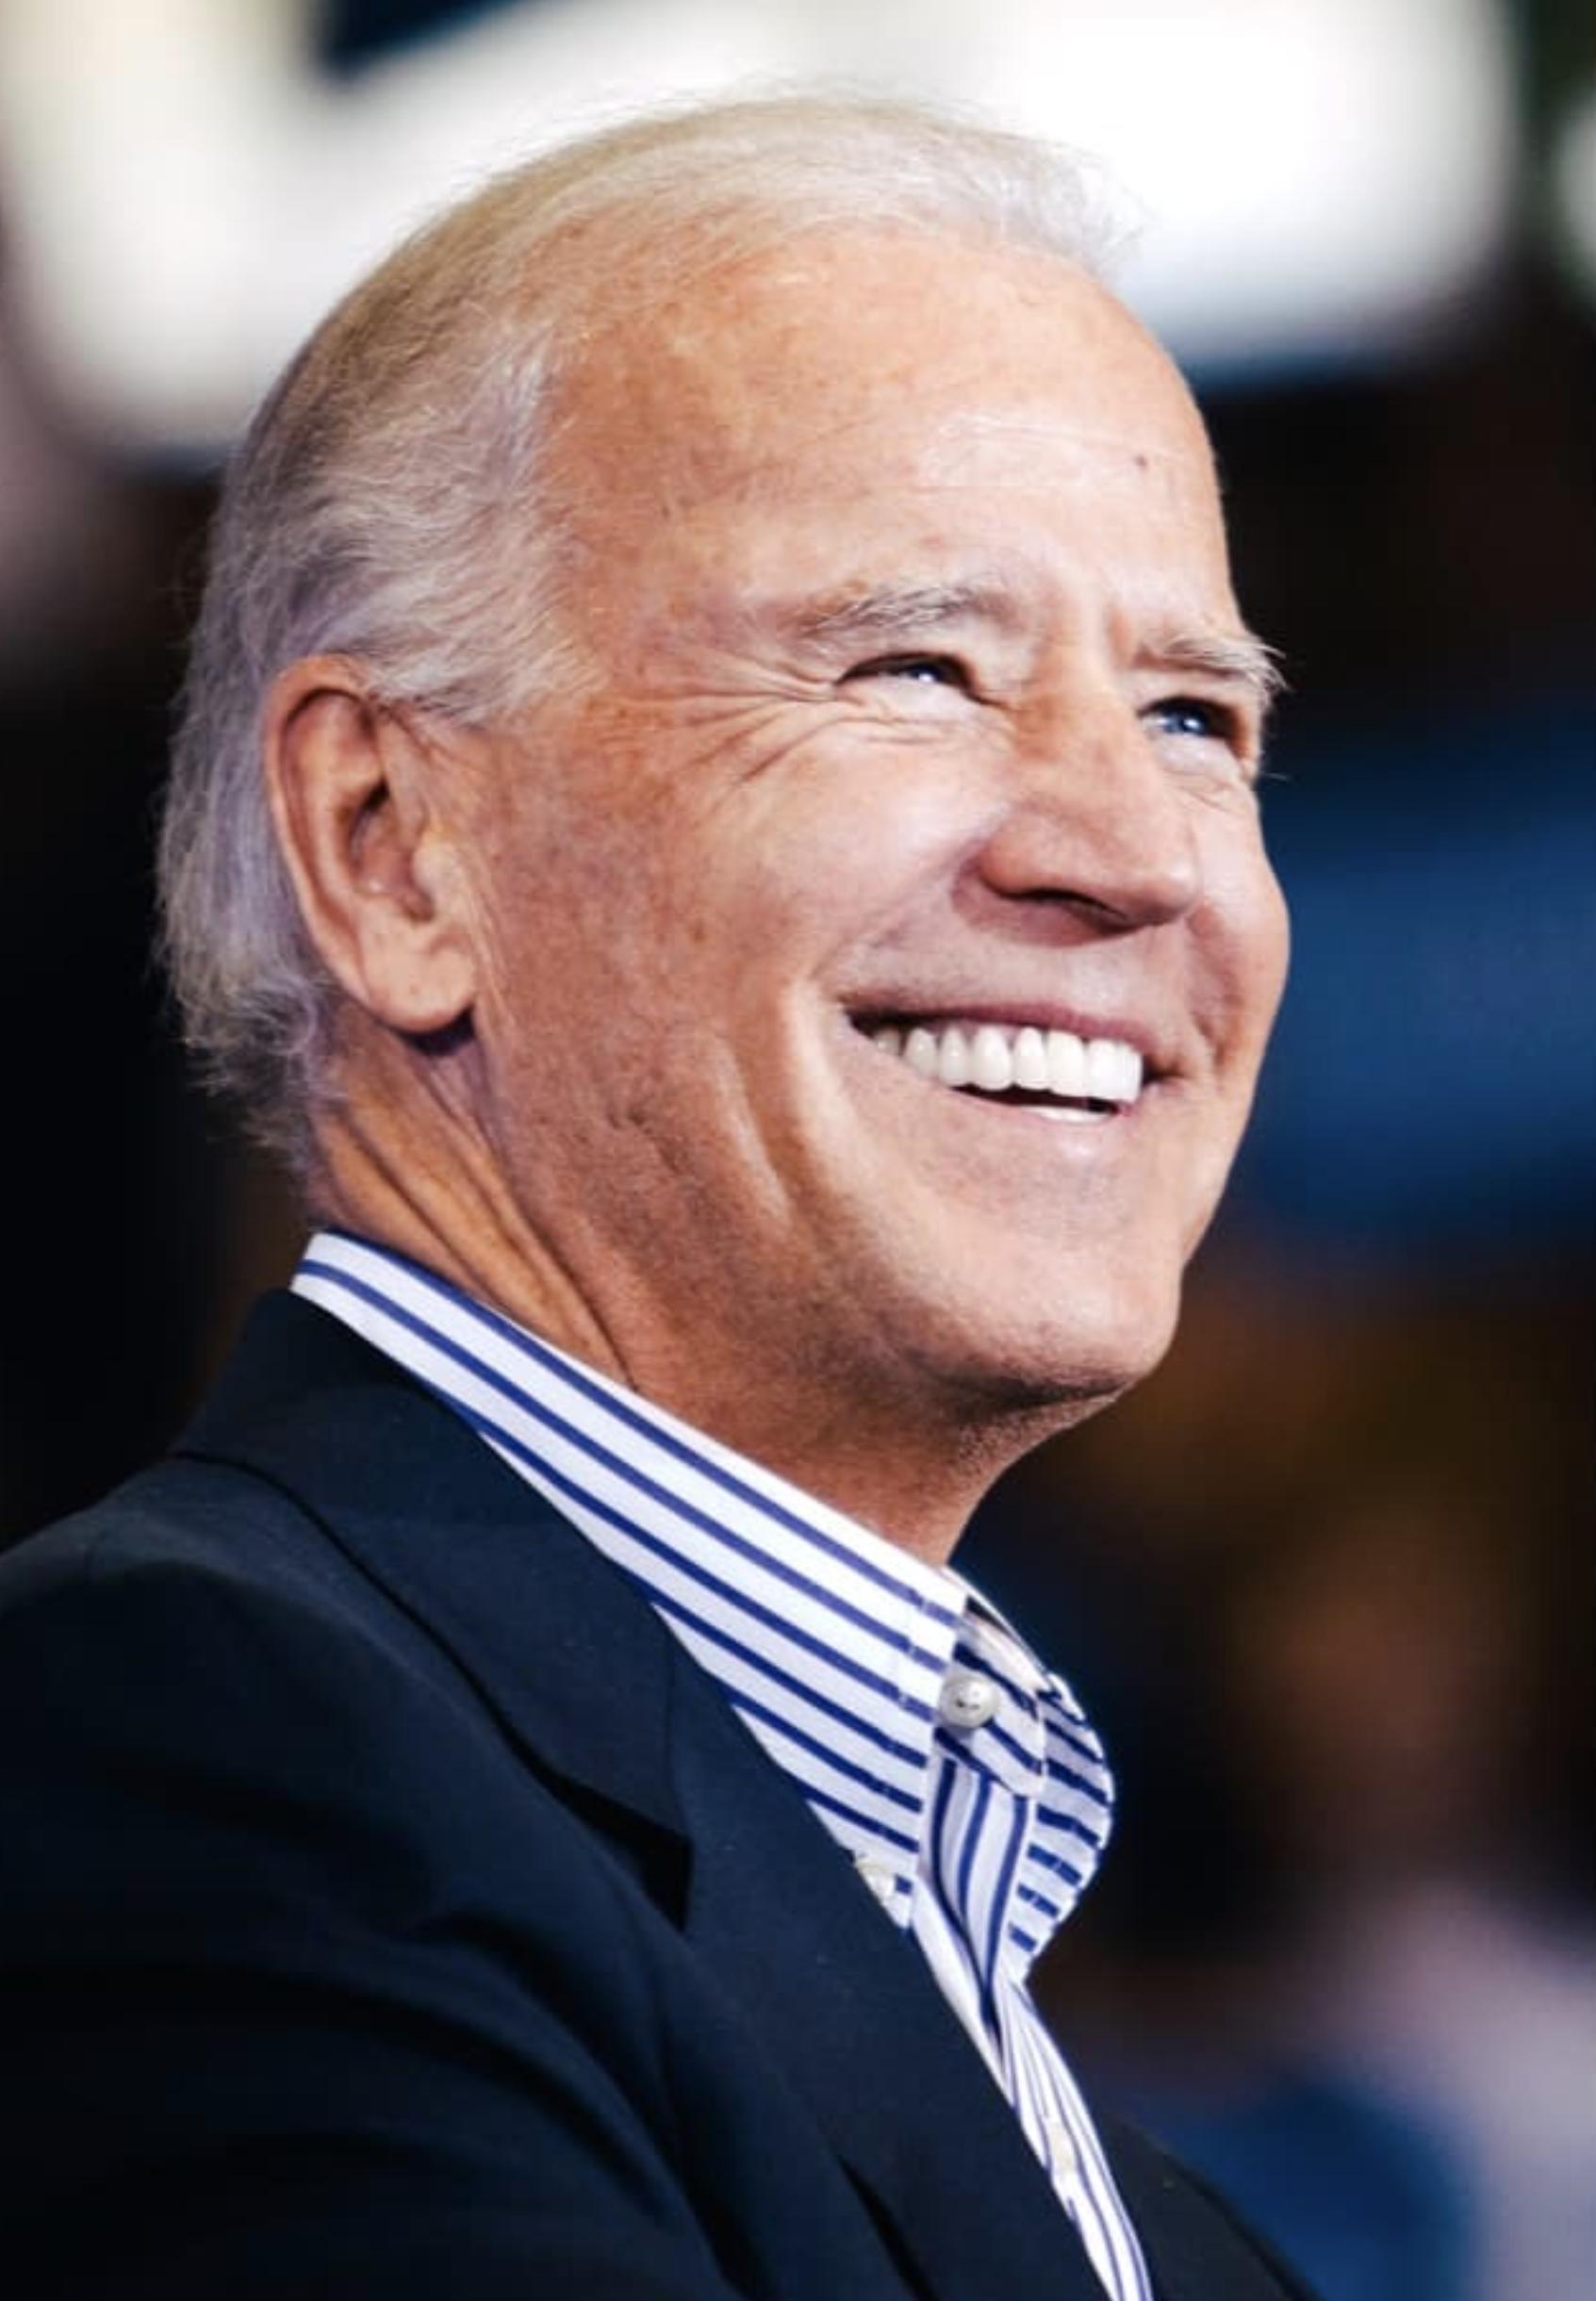 NJ_Biden_Headshot.png